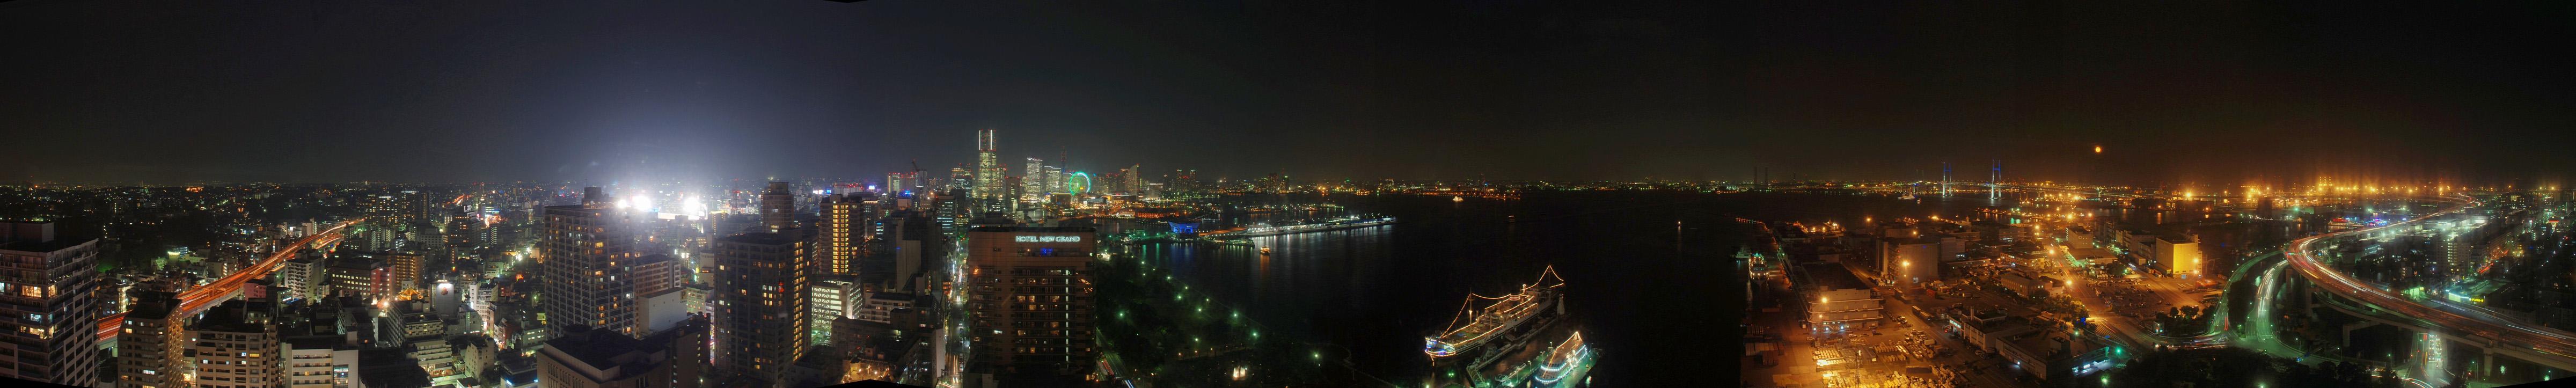 Panaramic view of Yokohama nightscape.